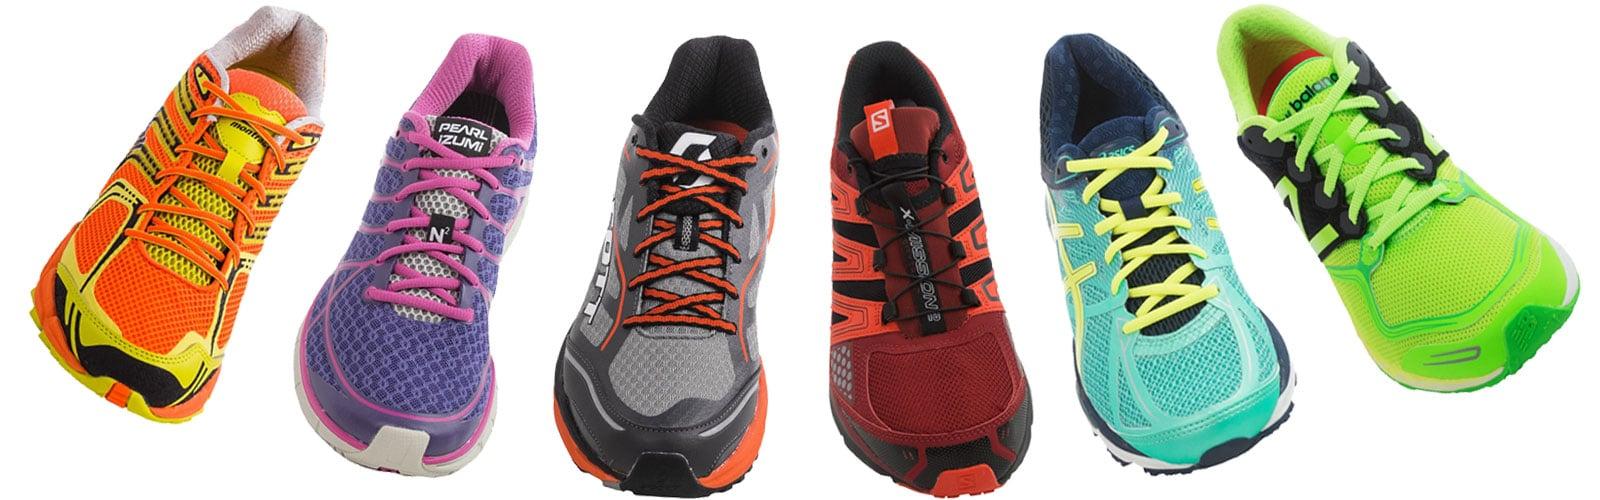 L'uso parallelo di scarpe da running differenti riduce il rischio di infortuni associati alla corsa?